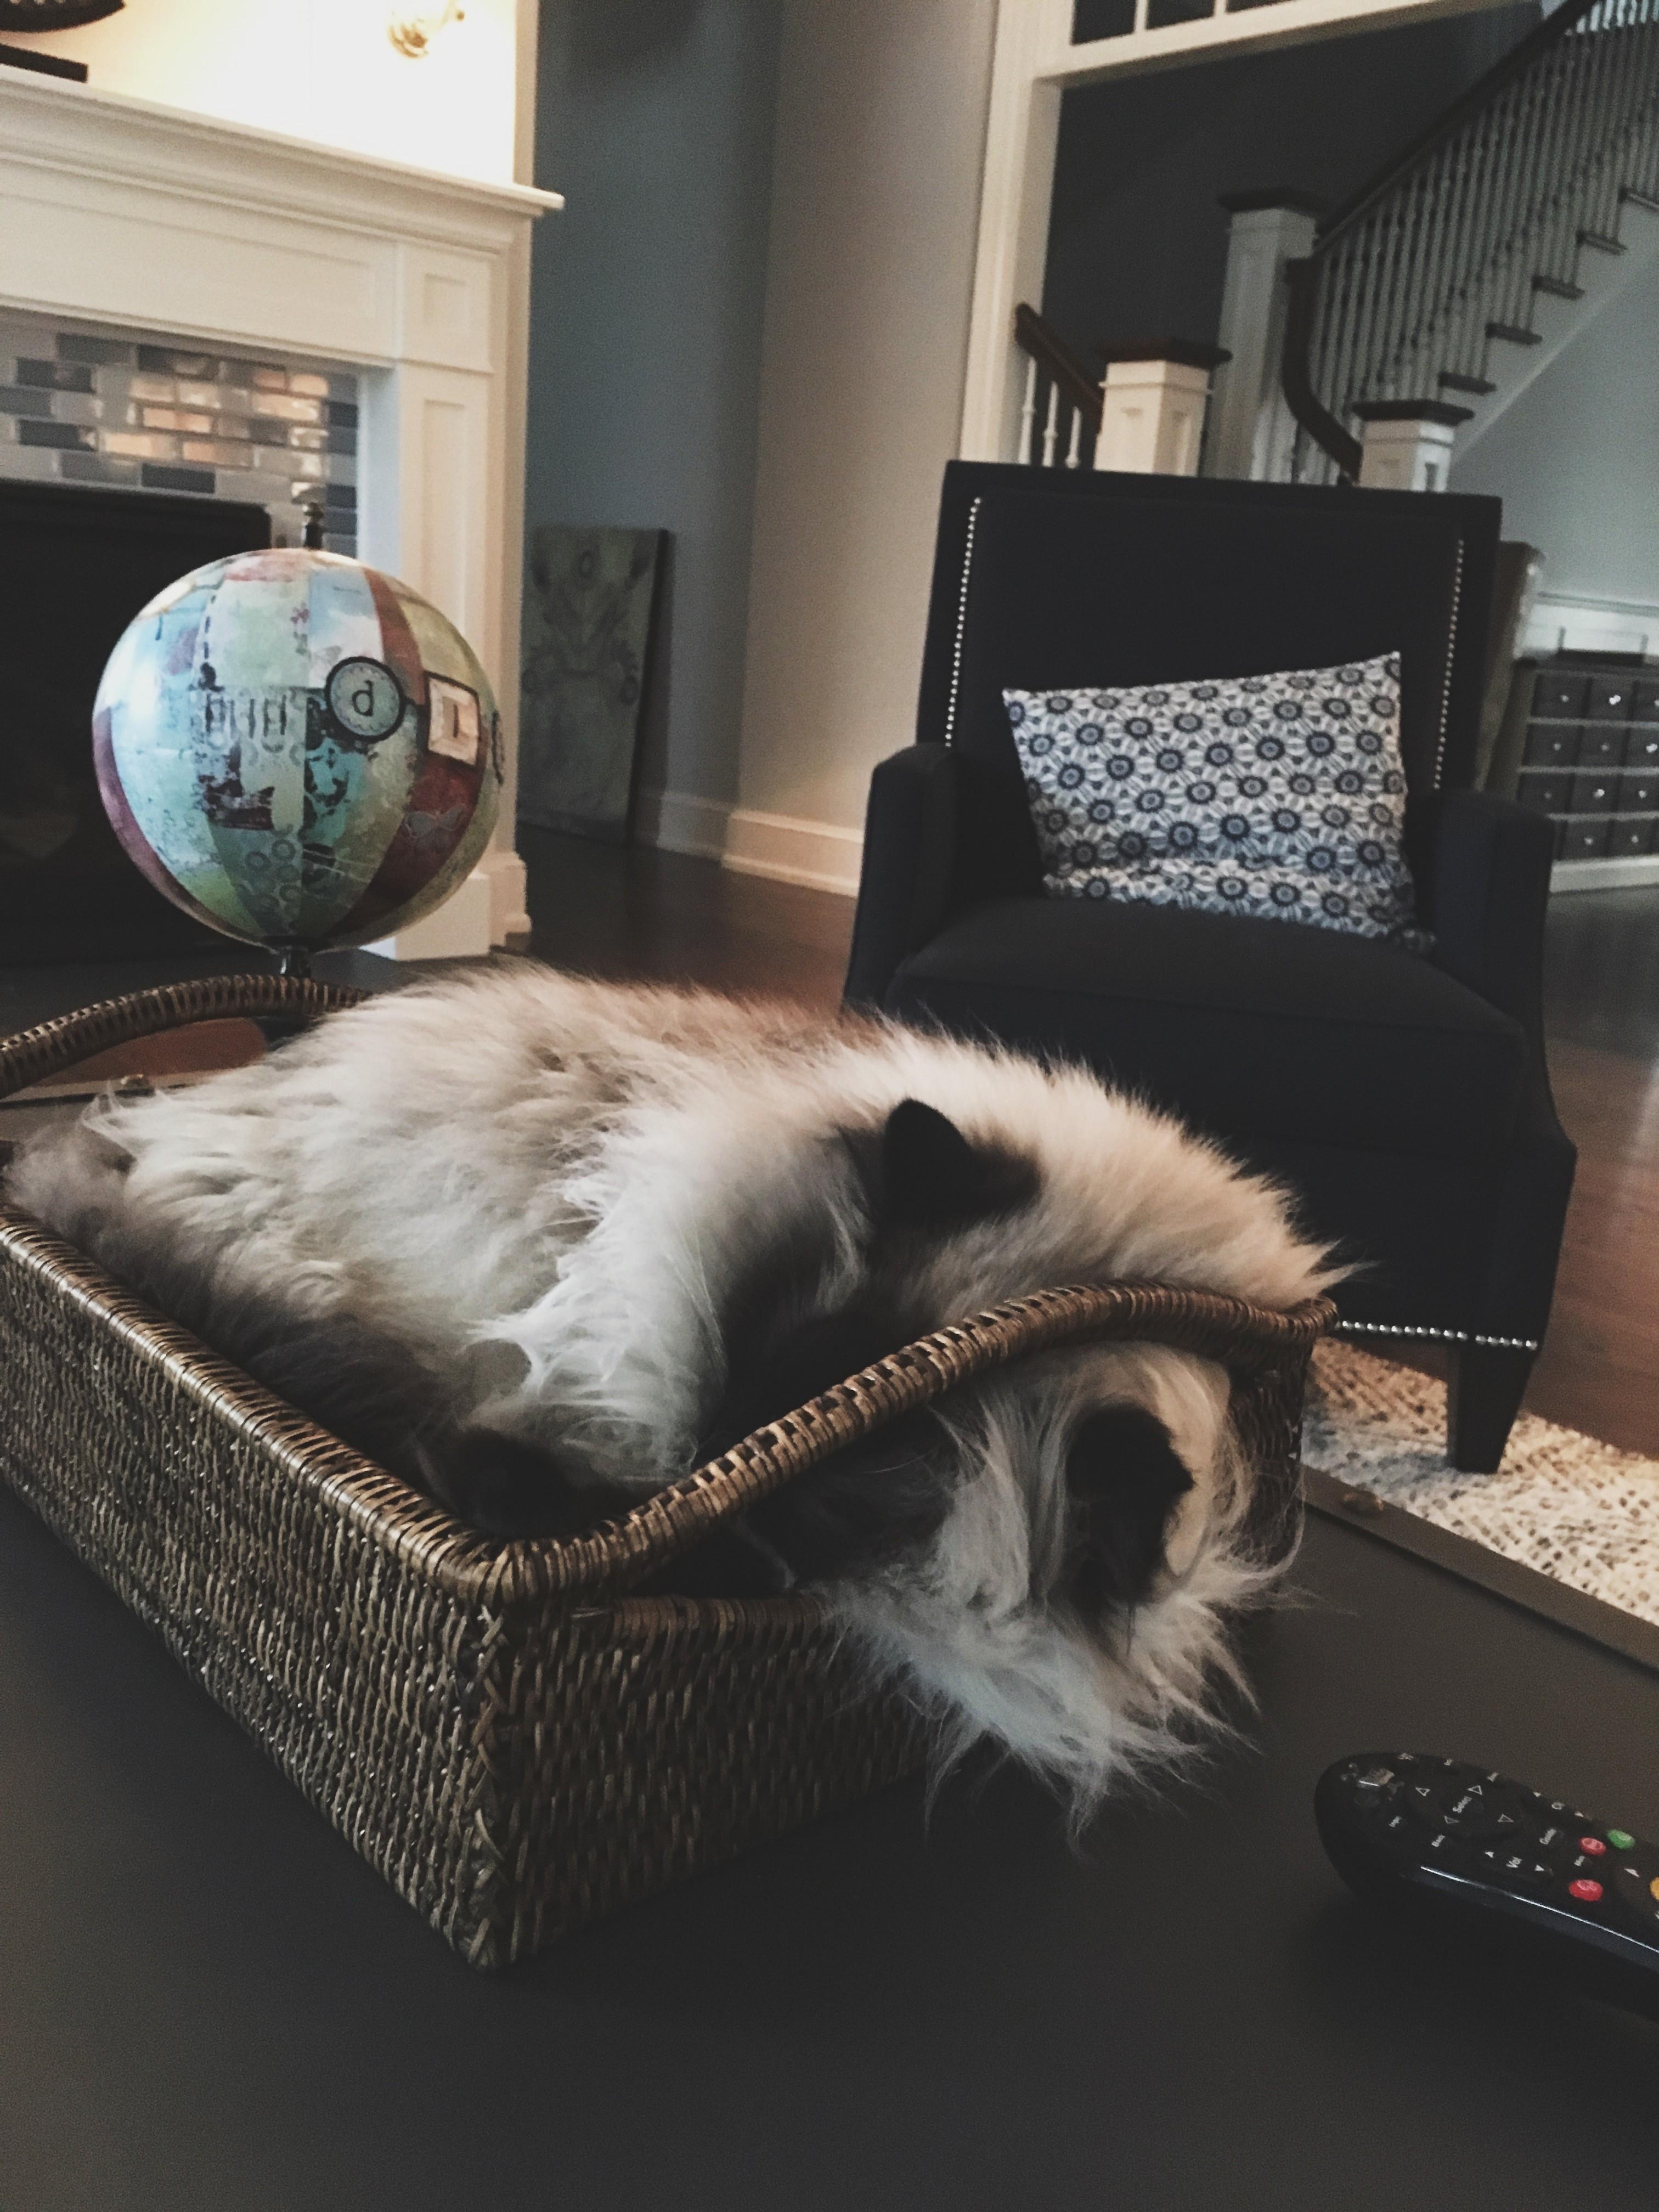 A cat sleeps